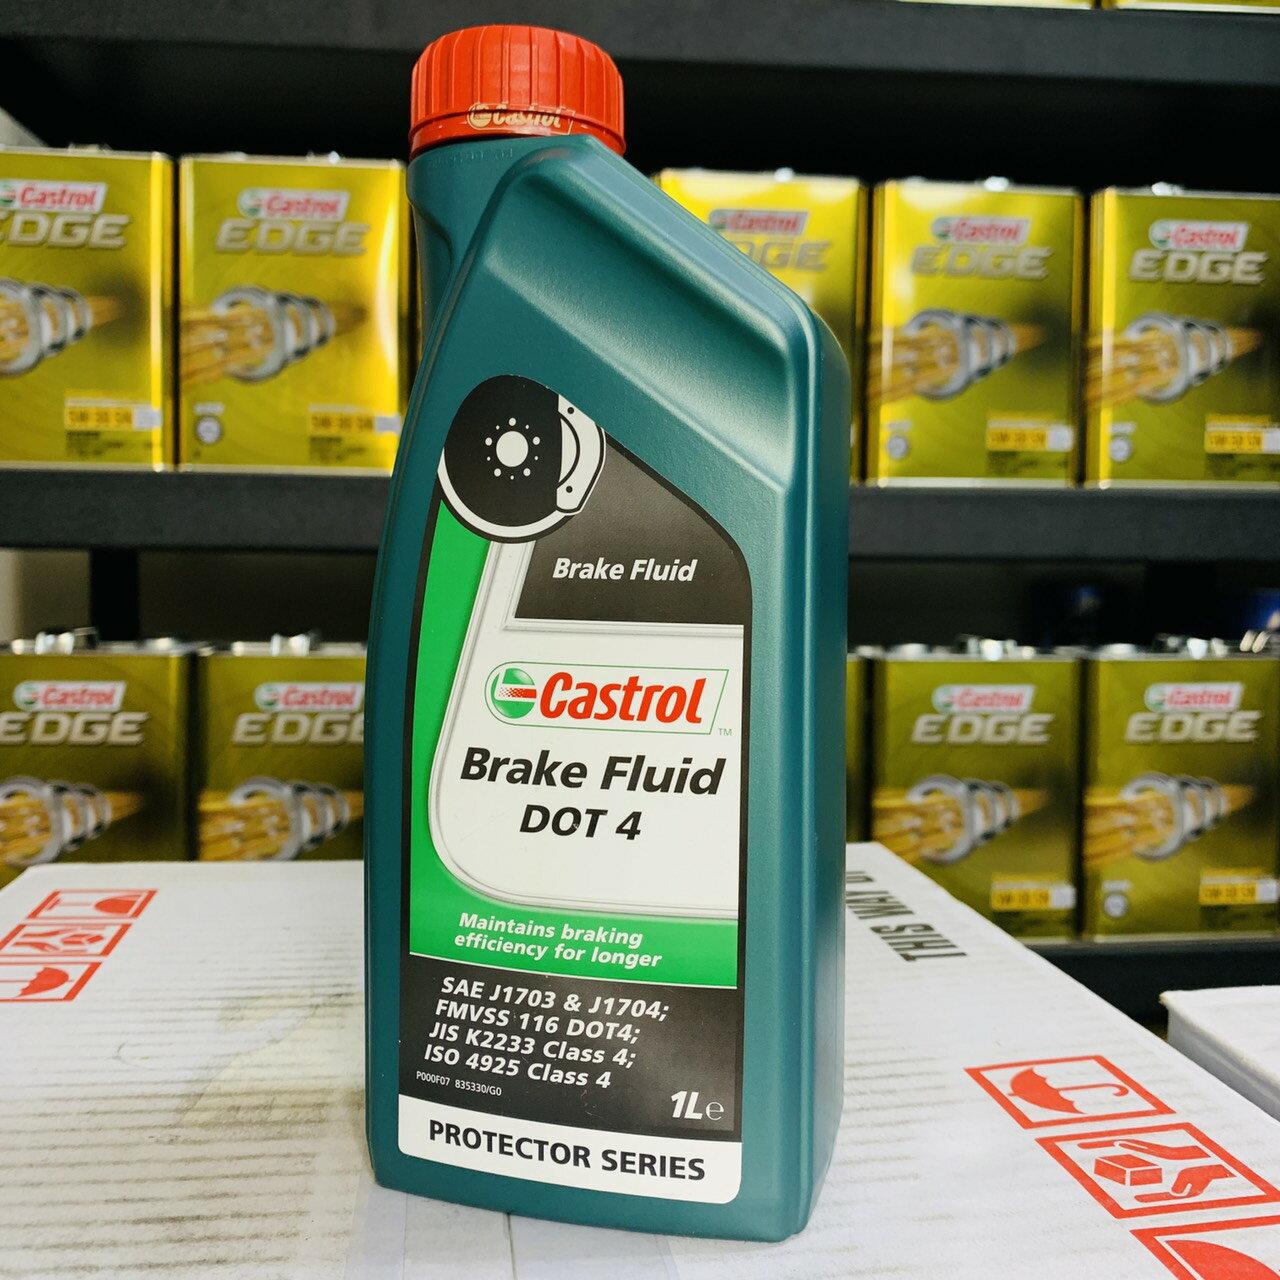 【德國製 公司貨】 嘉實多 BRAKE FLUID DOT4 煞車油 1公升包裝 ABS可 DOT-4 DOT-3 castrol 關東車材